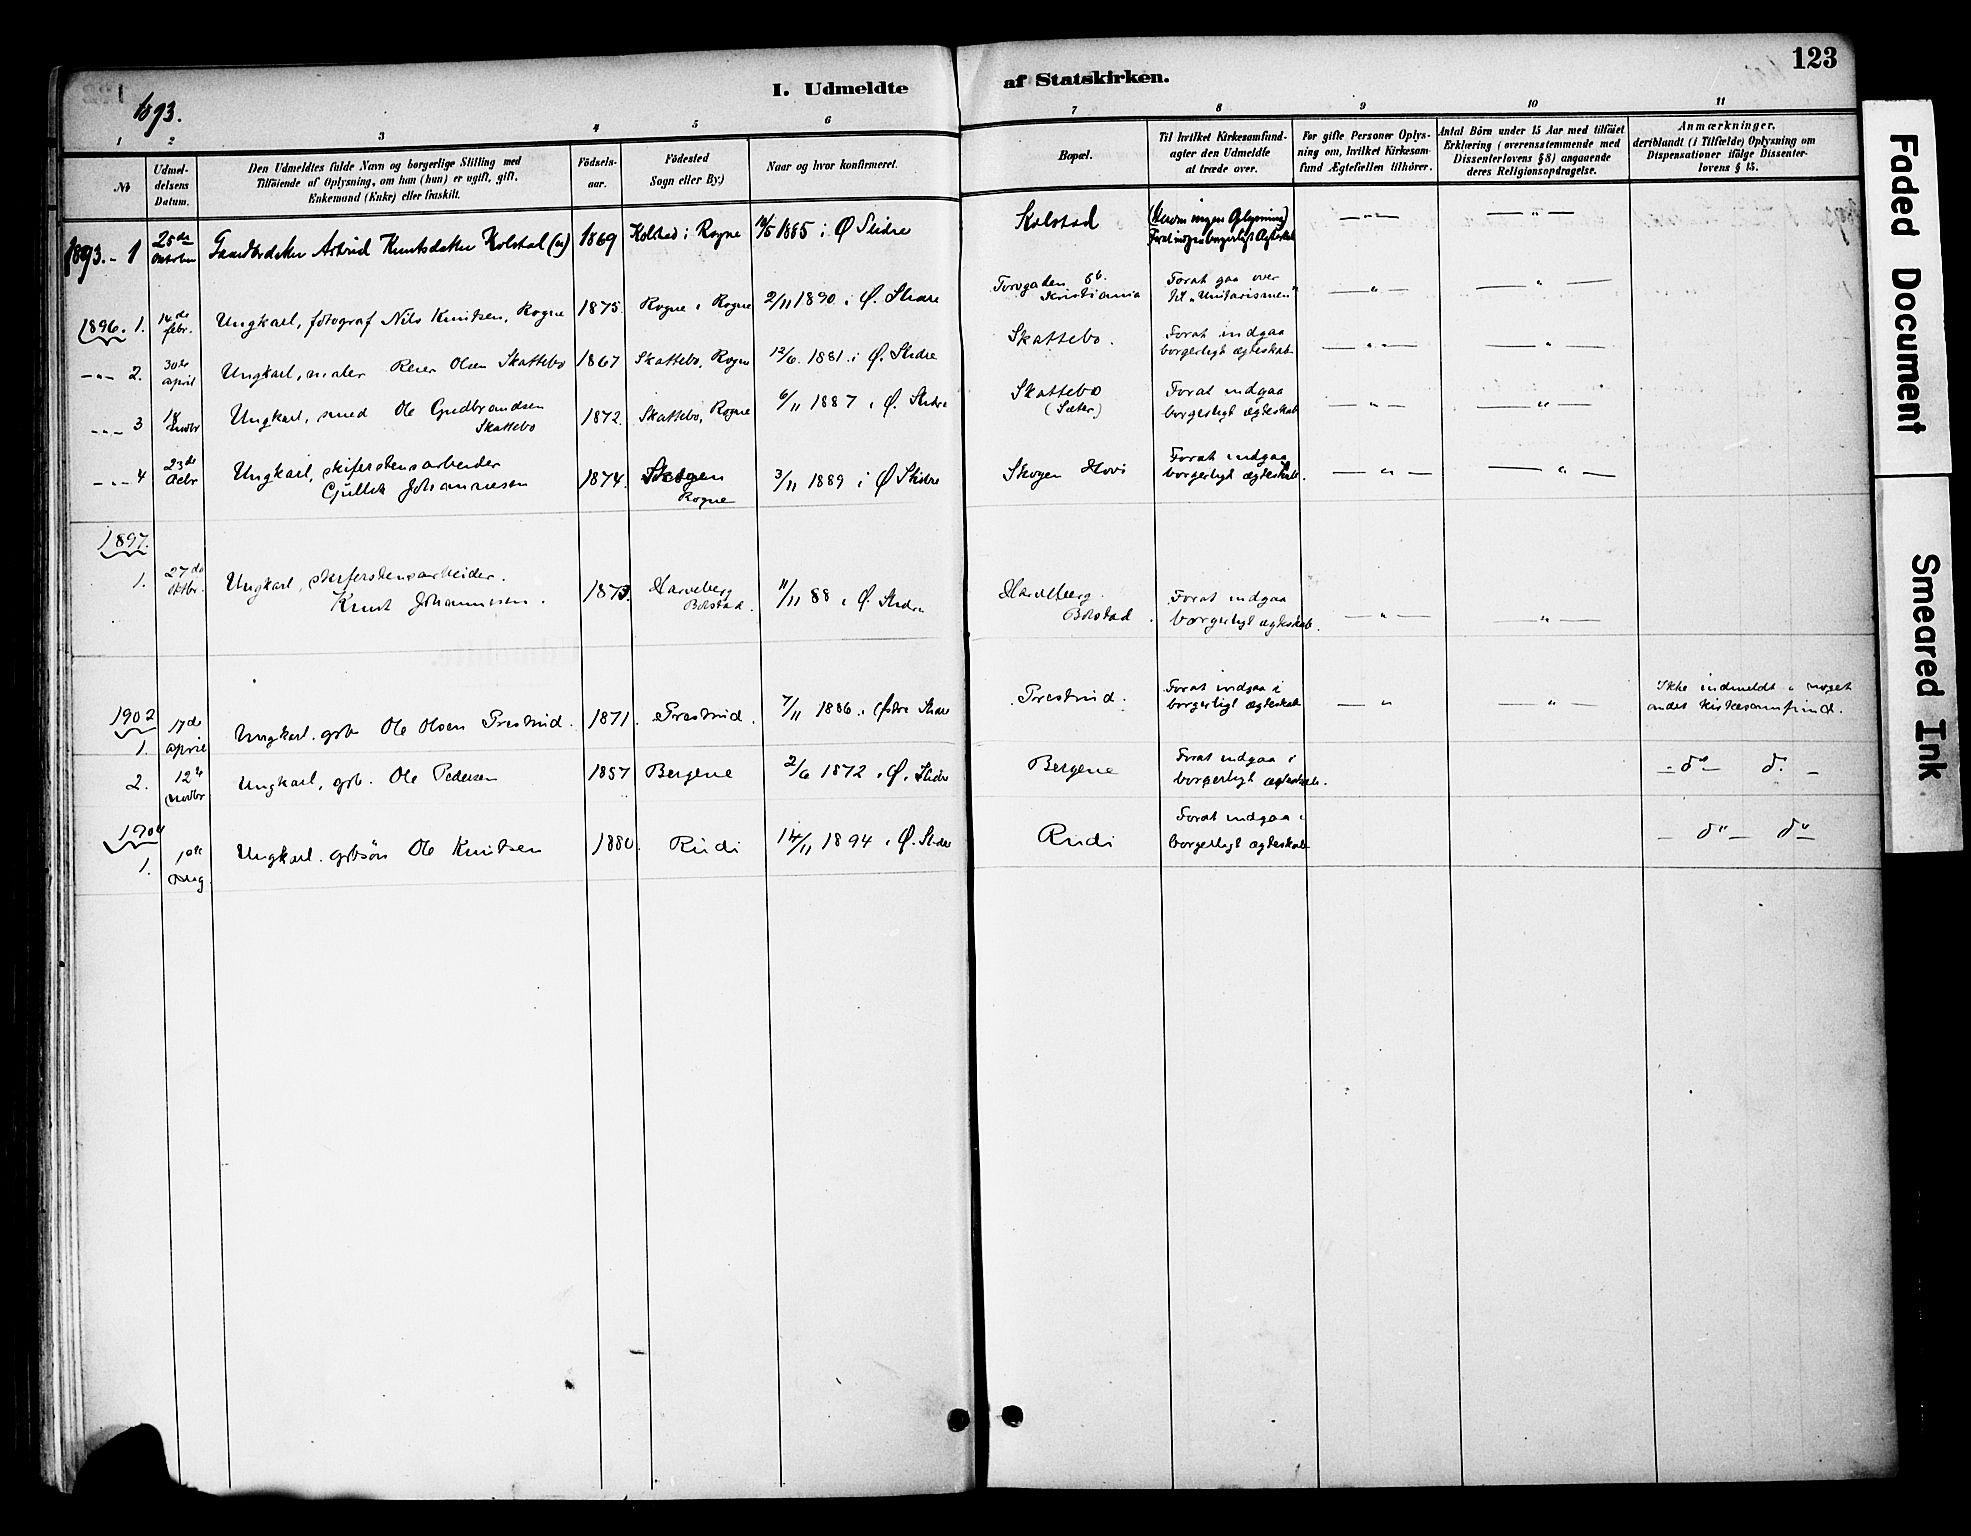 SAH, Øystre Slidre prestekontor, Ministerialbok nr. 3, 1887-1910, s. 123